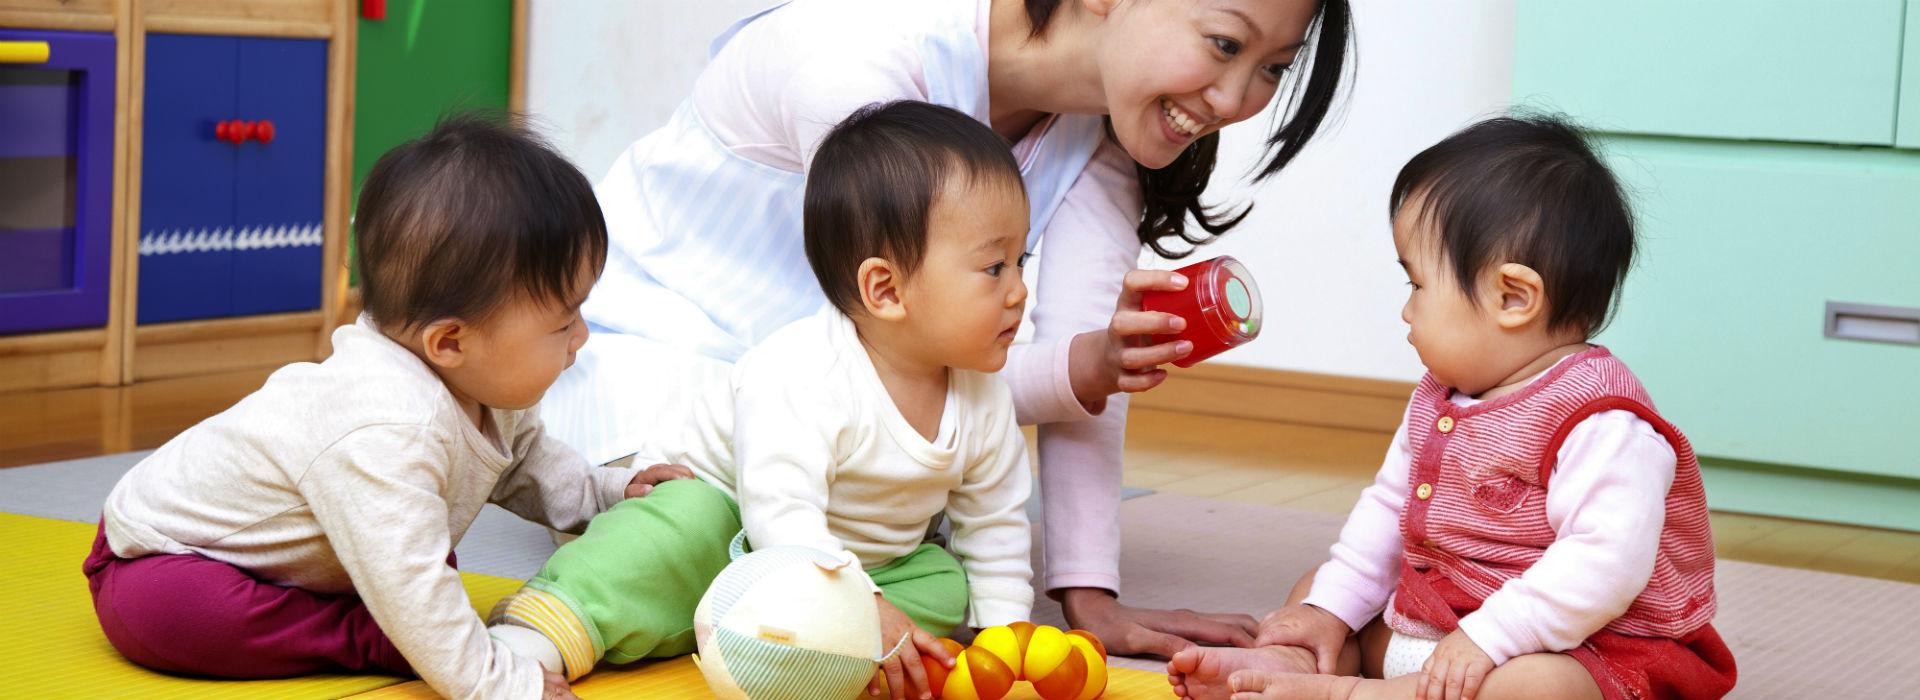 過敏、感冒...4種小兒疾病 中醫邊治邊固本!